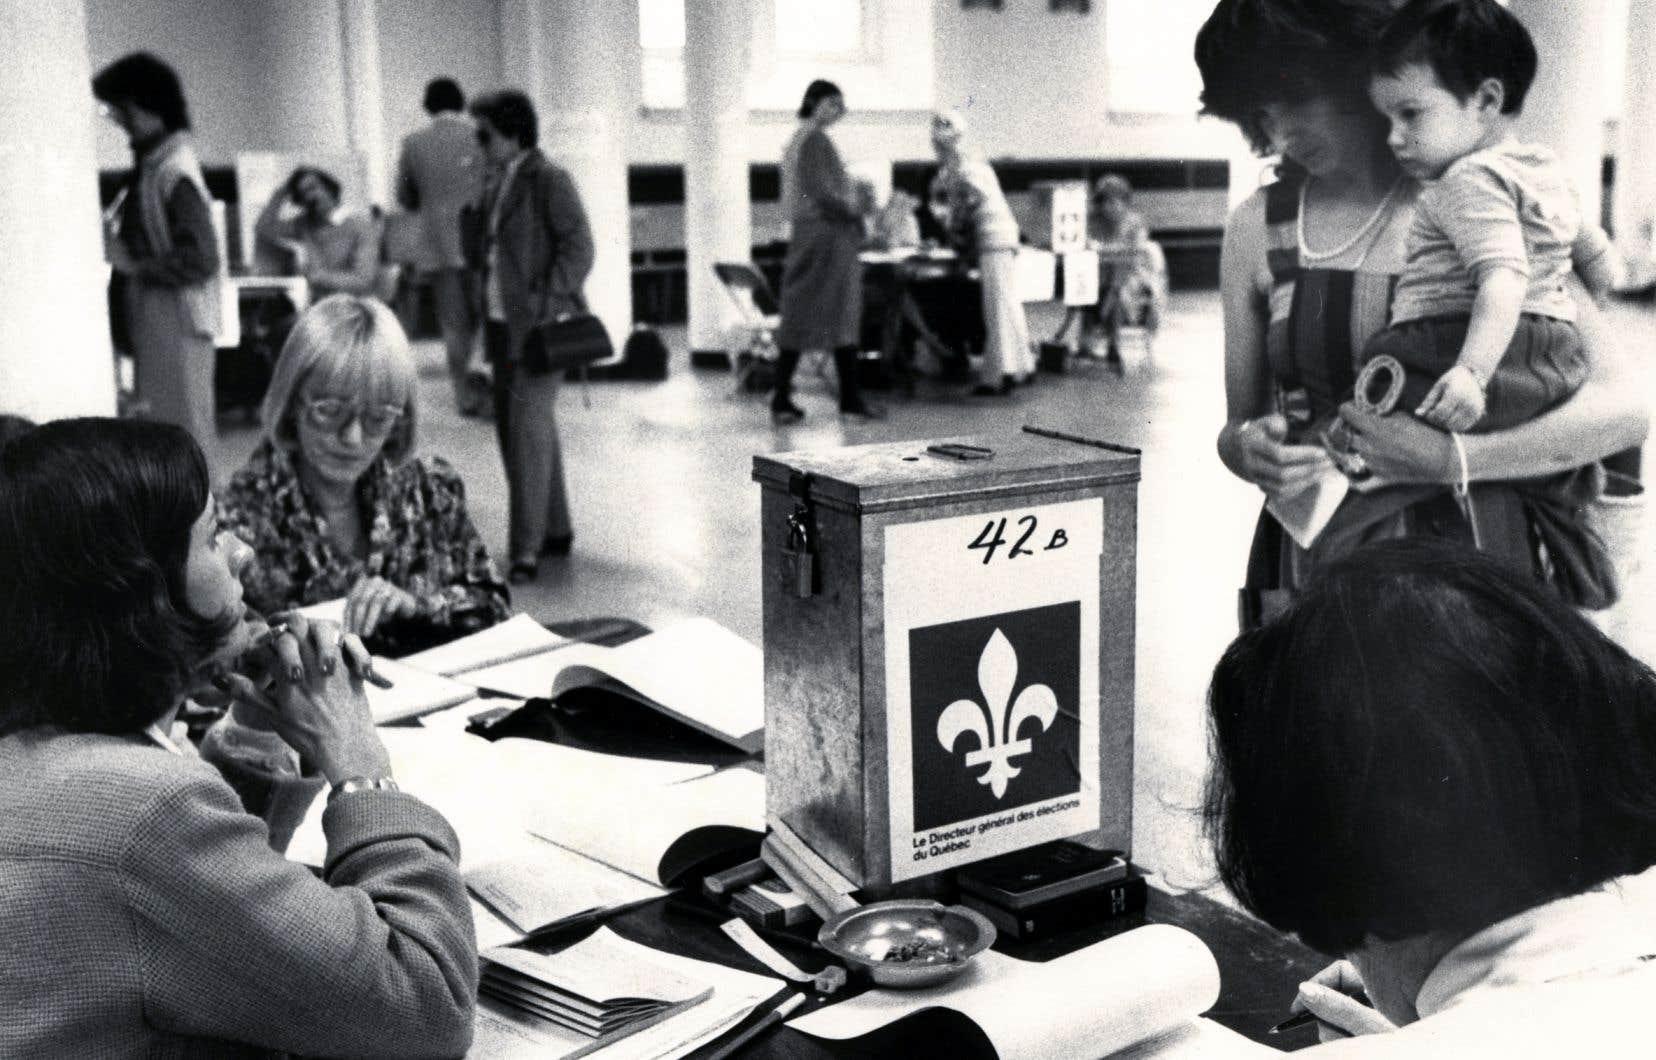 «Au final, la stratégie du référendum de 1980 fut une grave erreur dont le Parti québécois et, surtout, le Québec paient encore le prix aujourd'hui», constate l'auteur.